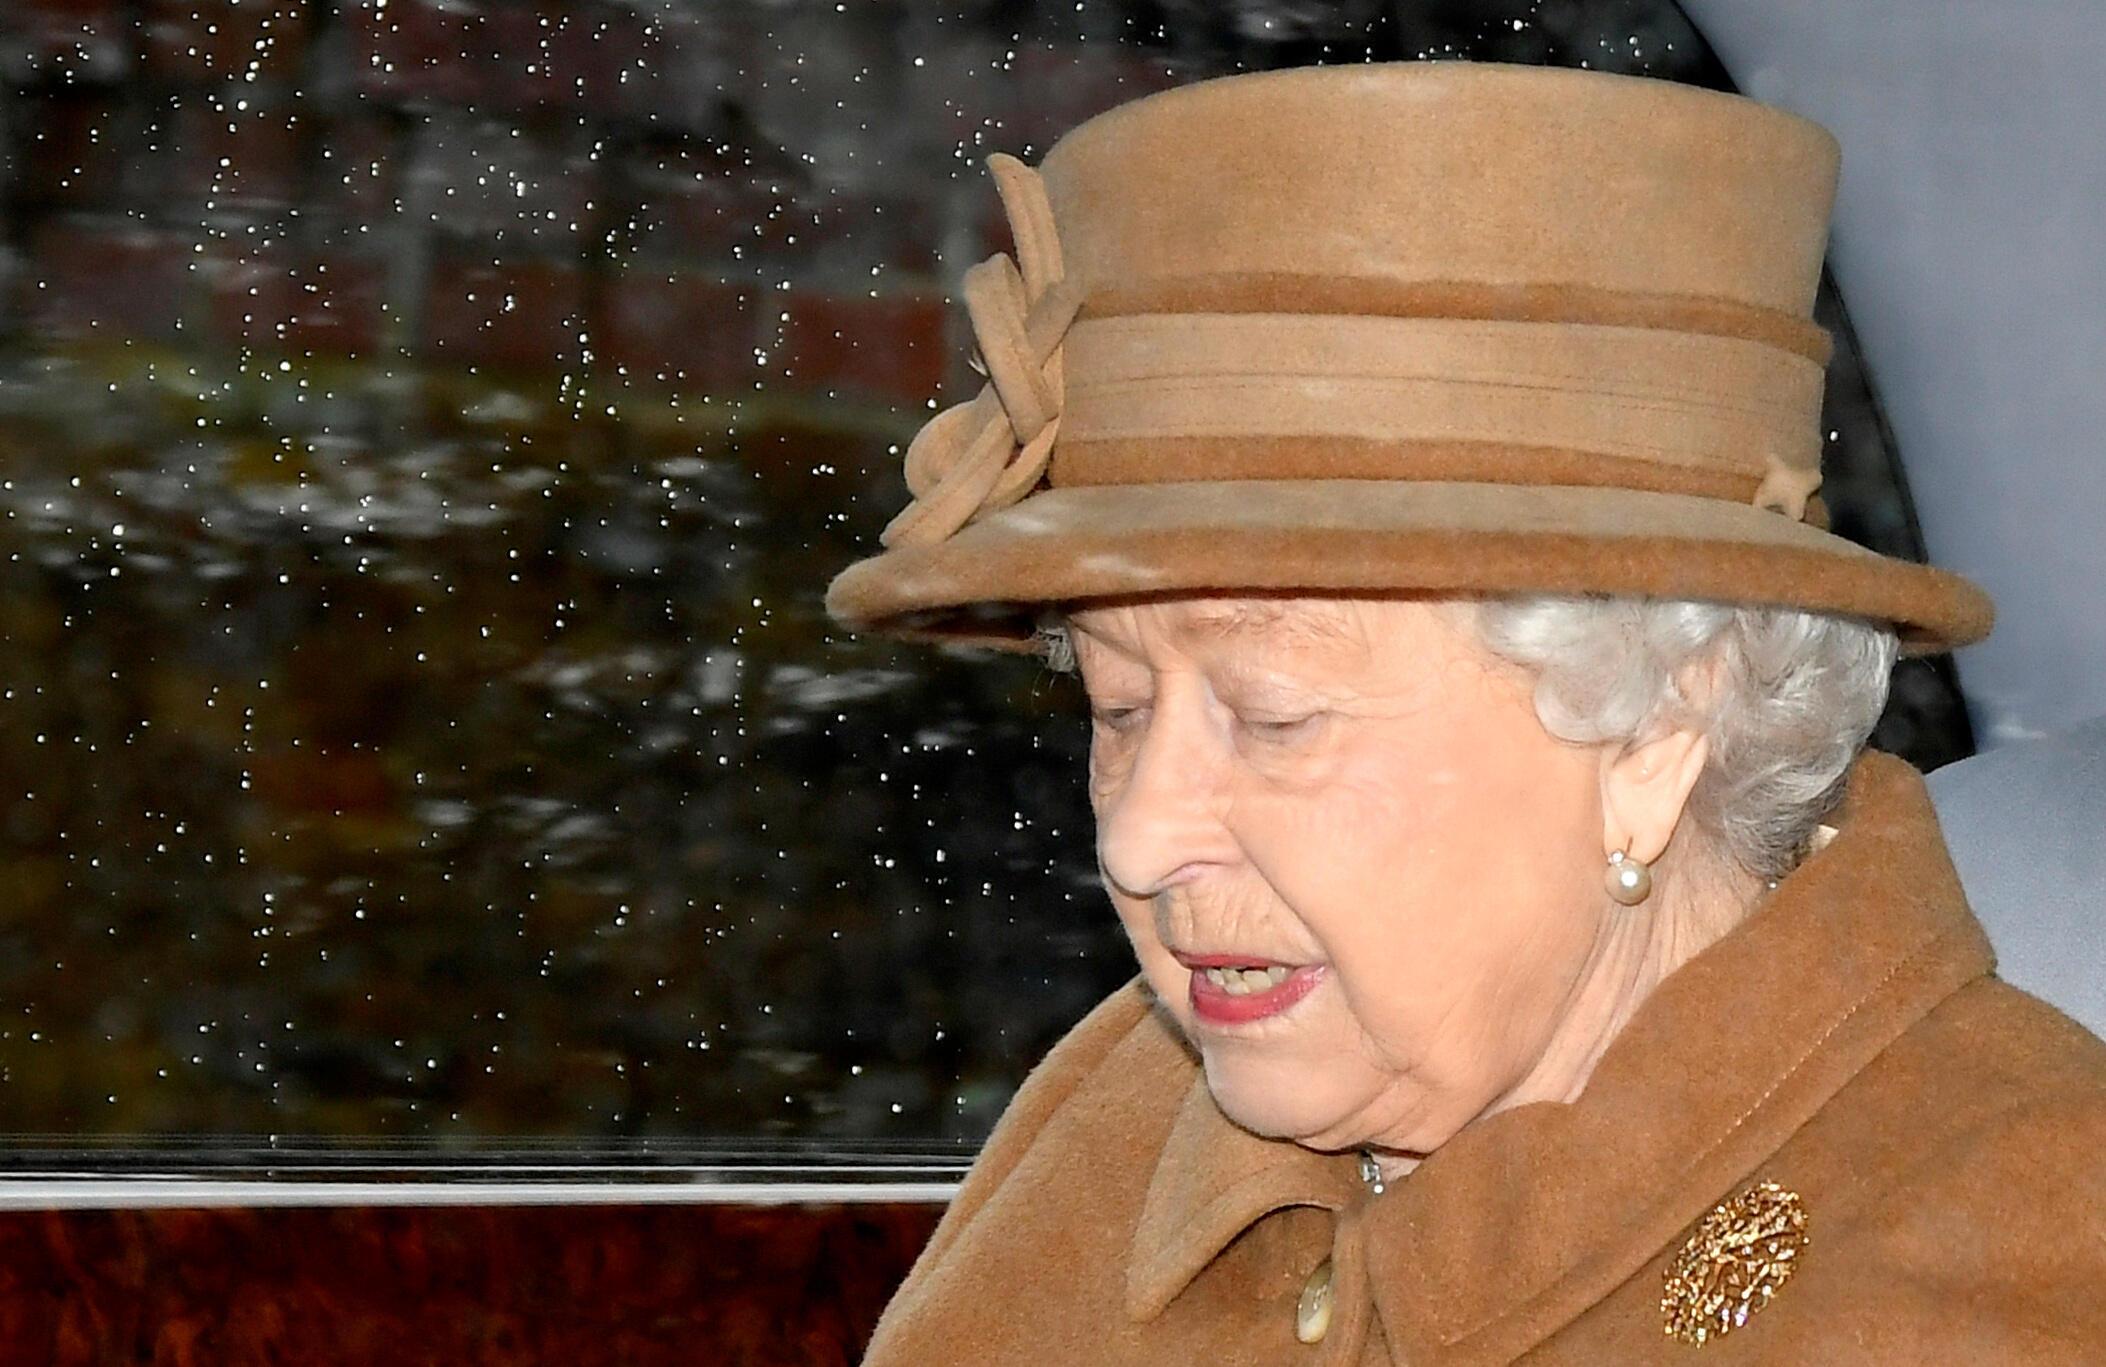 La reine Élisabeth II quitte l'église Sainte-Marie-Madeleine à Sandringham dans l'est de l'Angleterre, le 12 janvier 2020. C'est dans ce comté, dans la résidence secondaire de la reine que se tiendra la concertation au sommet.